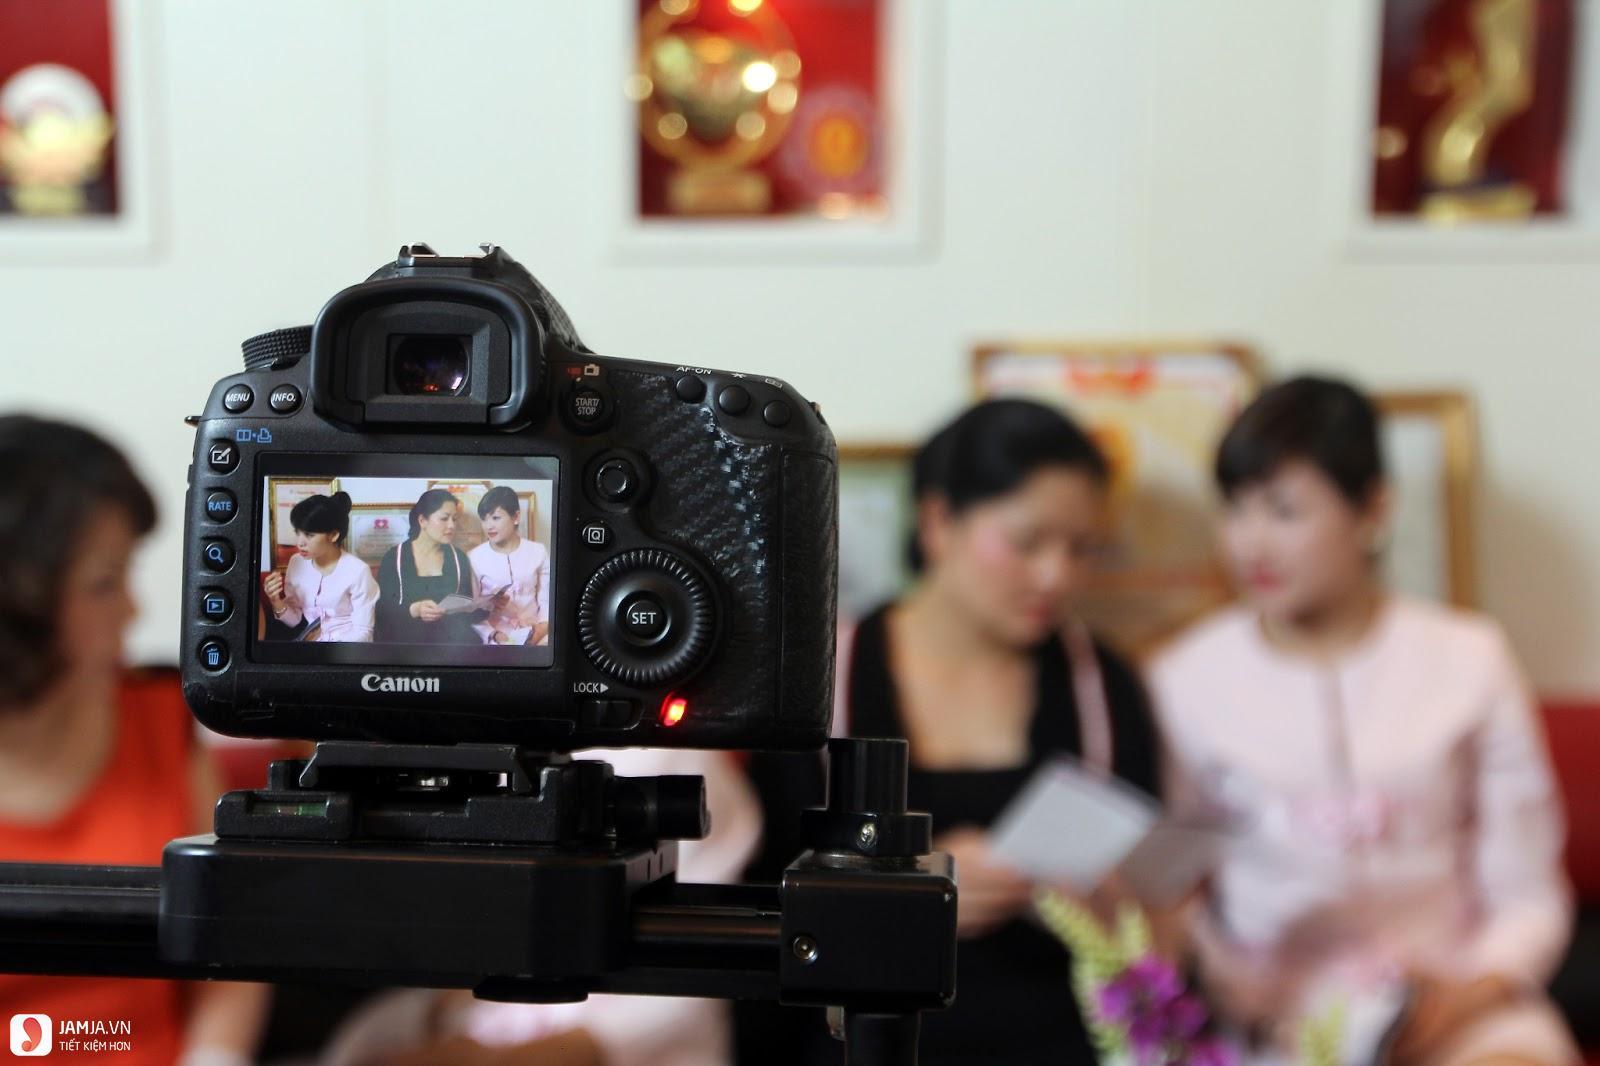 Tiêu chí chọn mua máy ảnh giá rẻ chất lượng tốt 5